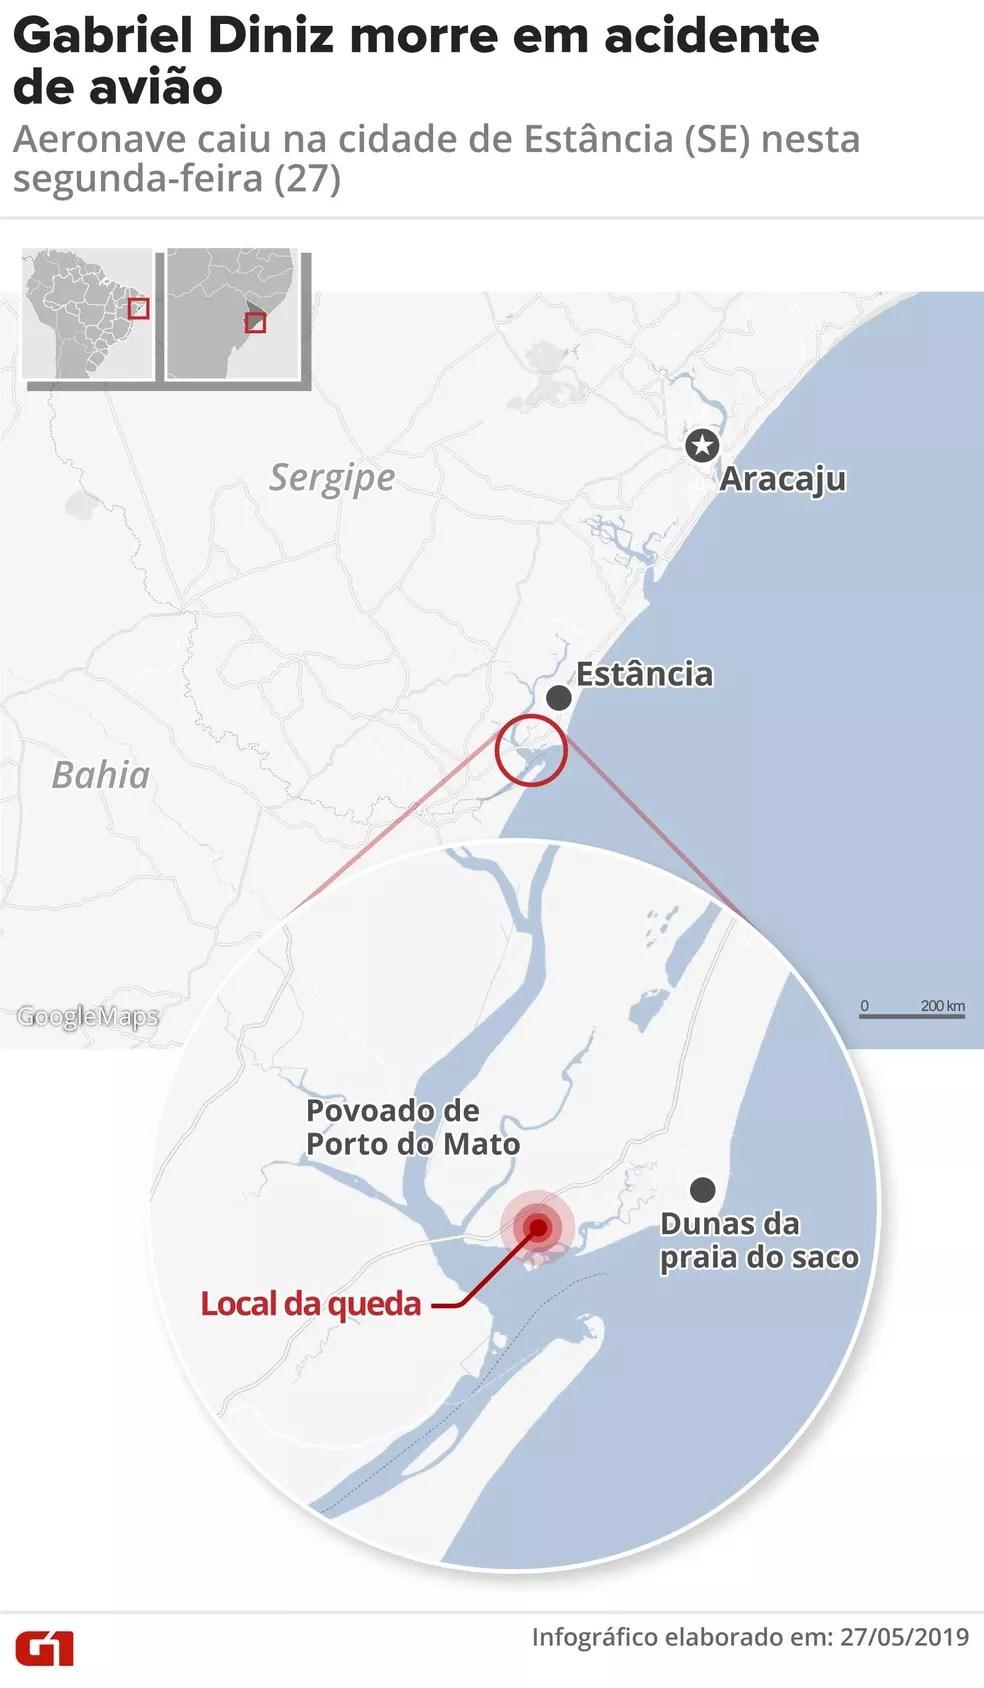 mapa-queda-aviao-sergipe Homem descreve acidente de Gabriel Diniz: 'Caindo sem asa'